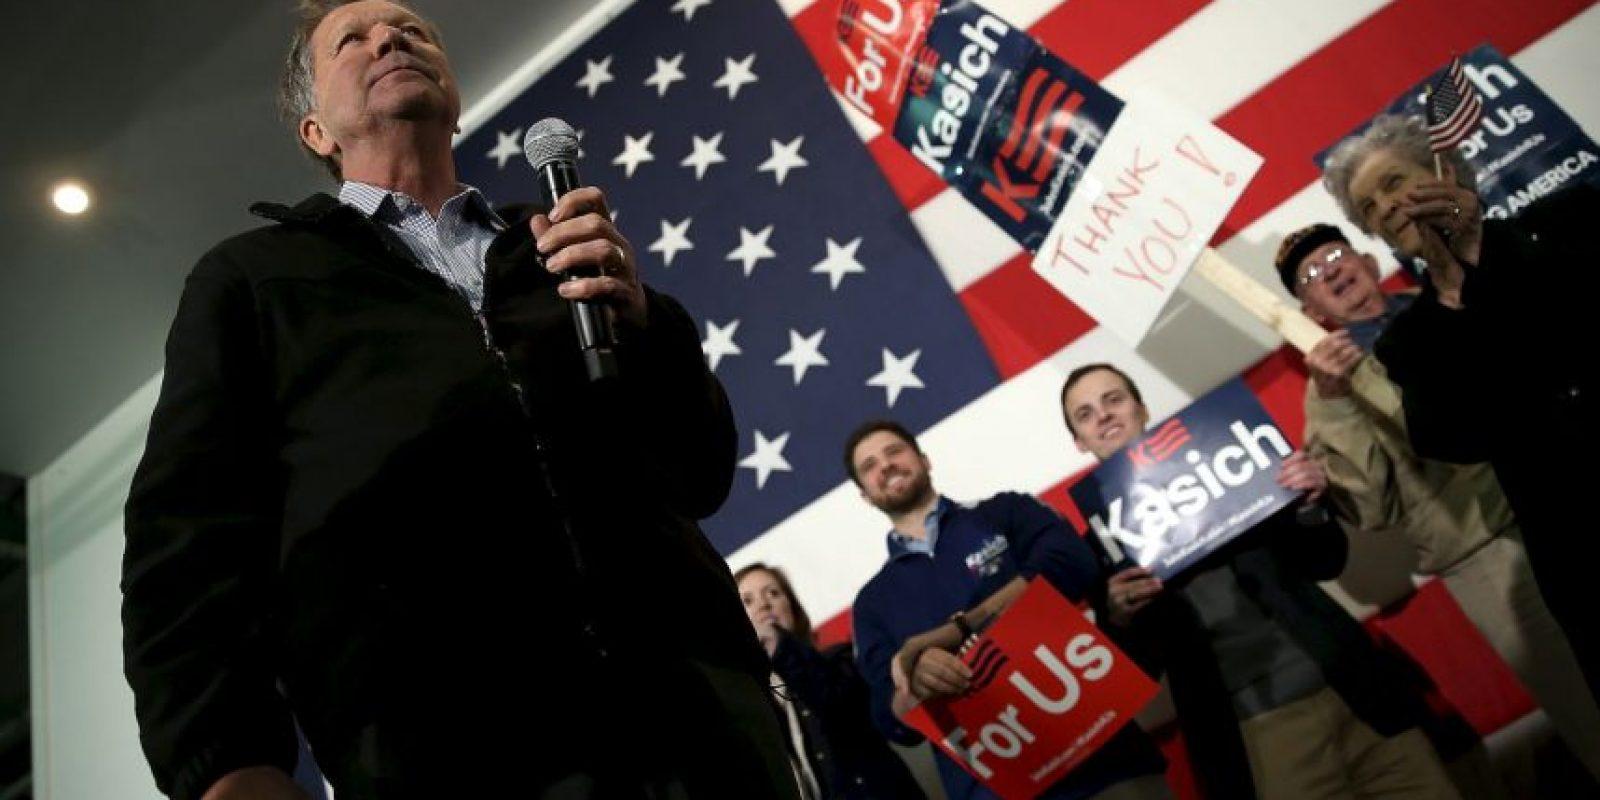 El 21 de julio se convirtió en un precandidato más de la lista de republicanos. Foto:Getty Images